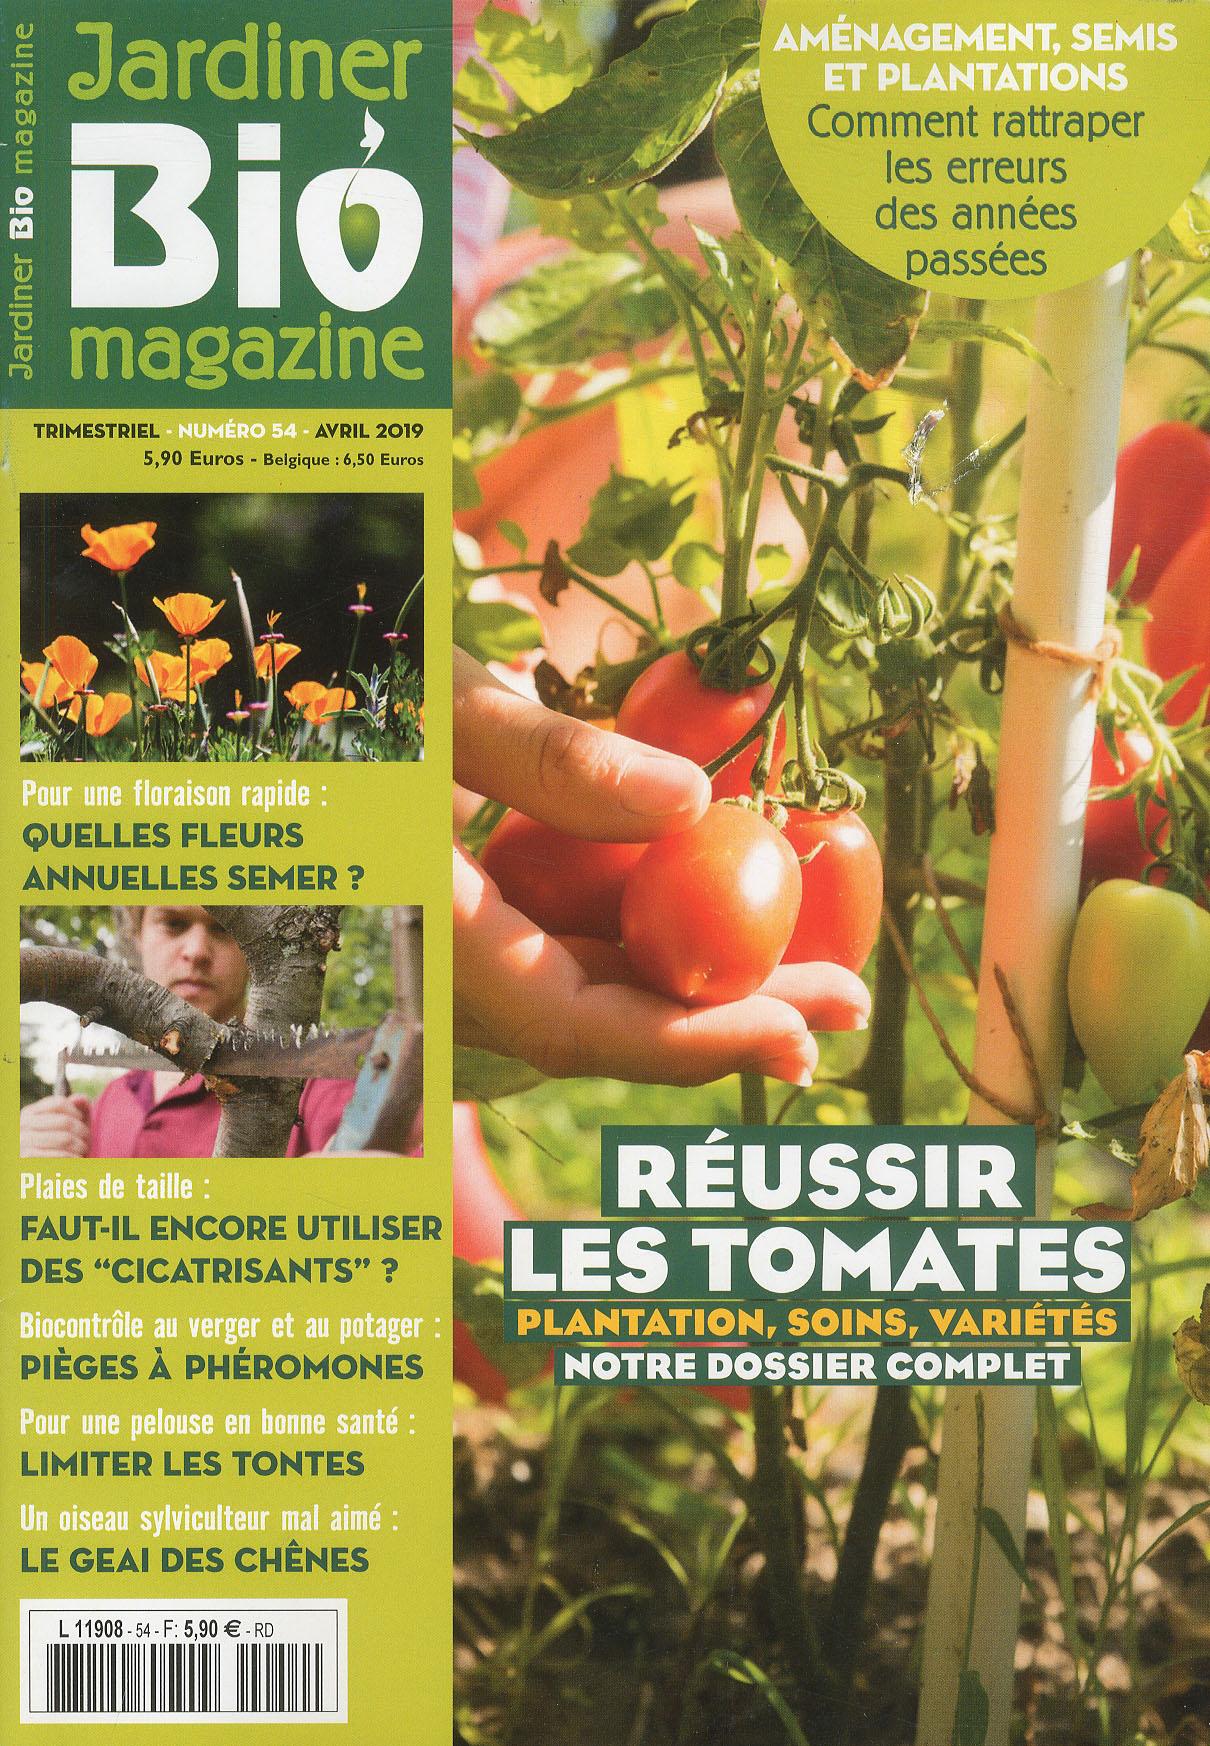 Fiche Produit - Catalogue Produits Mlp avec Jardiner Bio Magazine